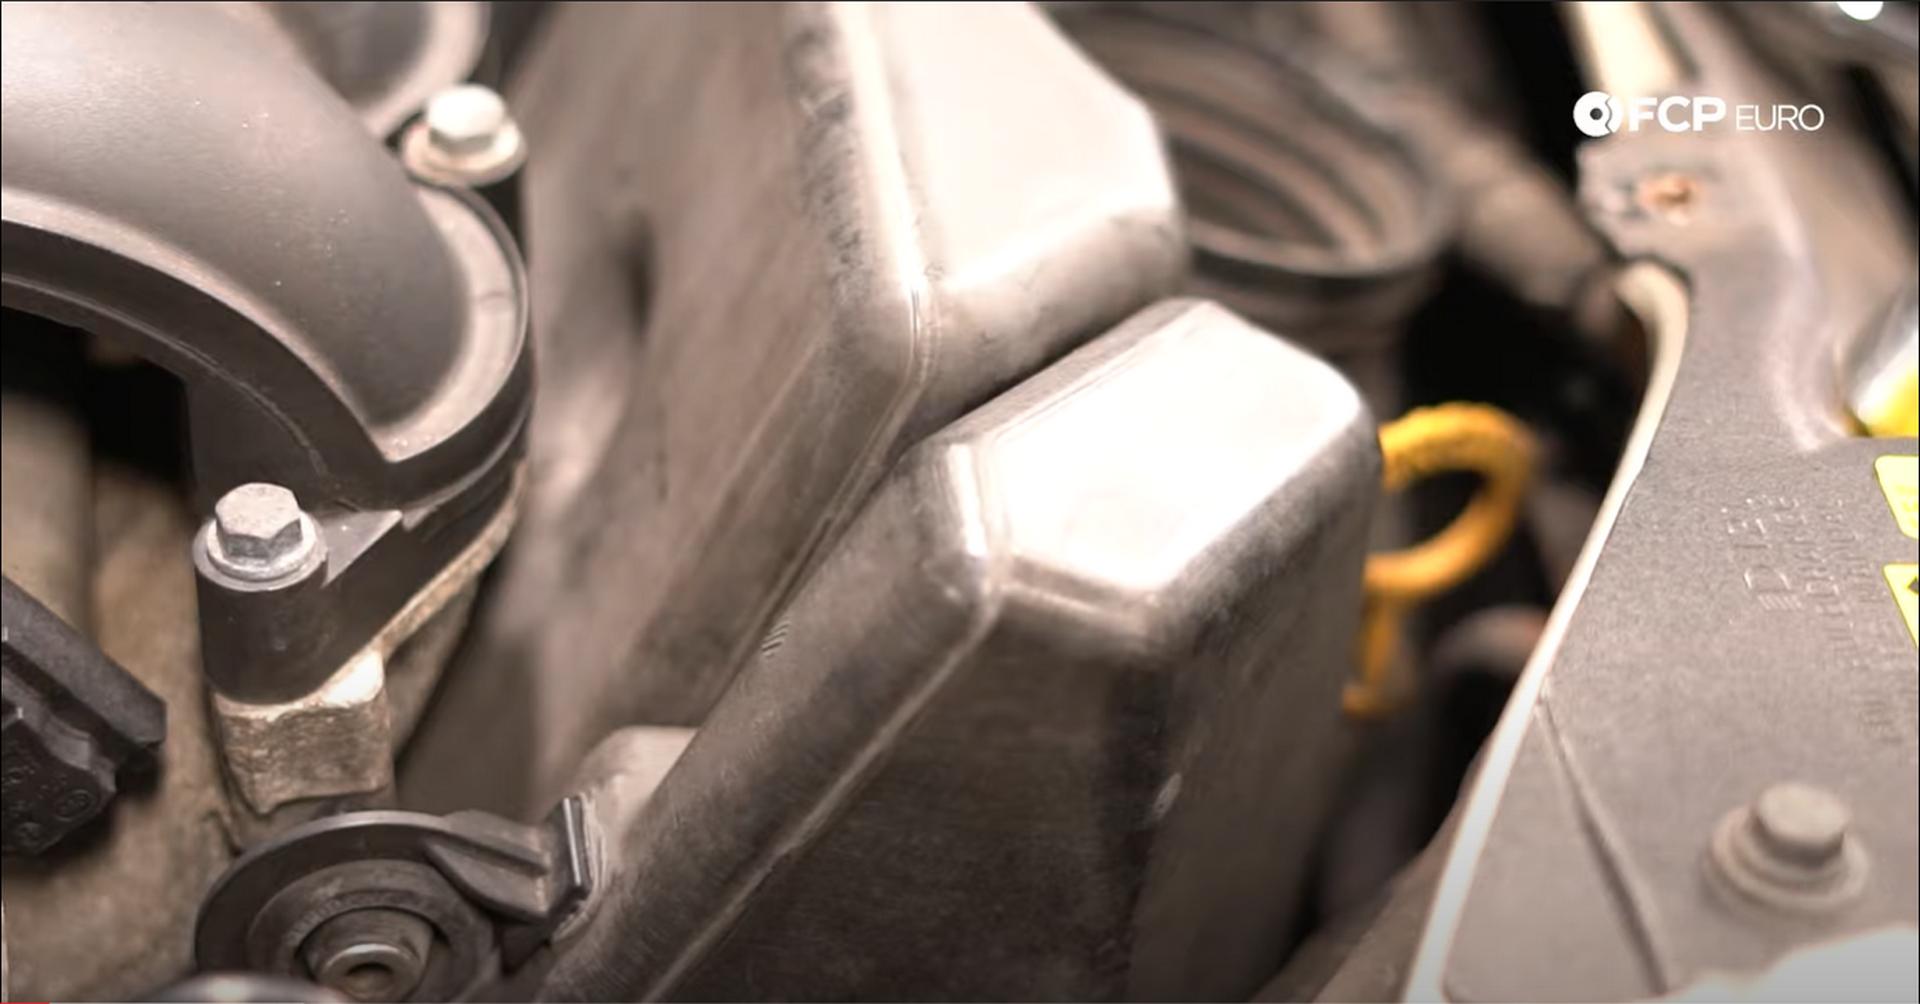 02_DIY_Volvo_Oil_Change-Airbox-Bolt